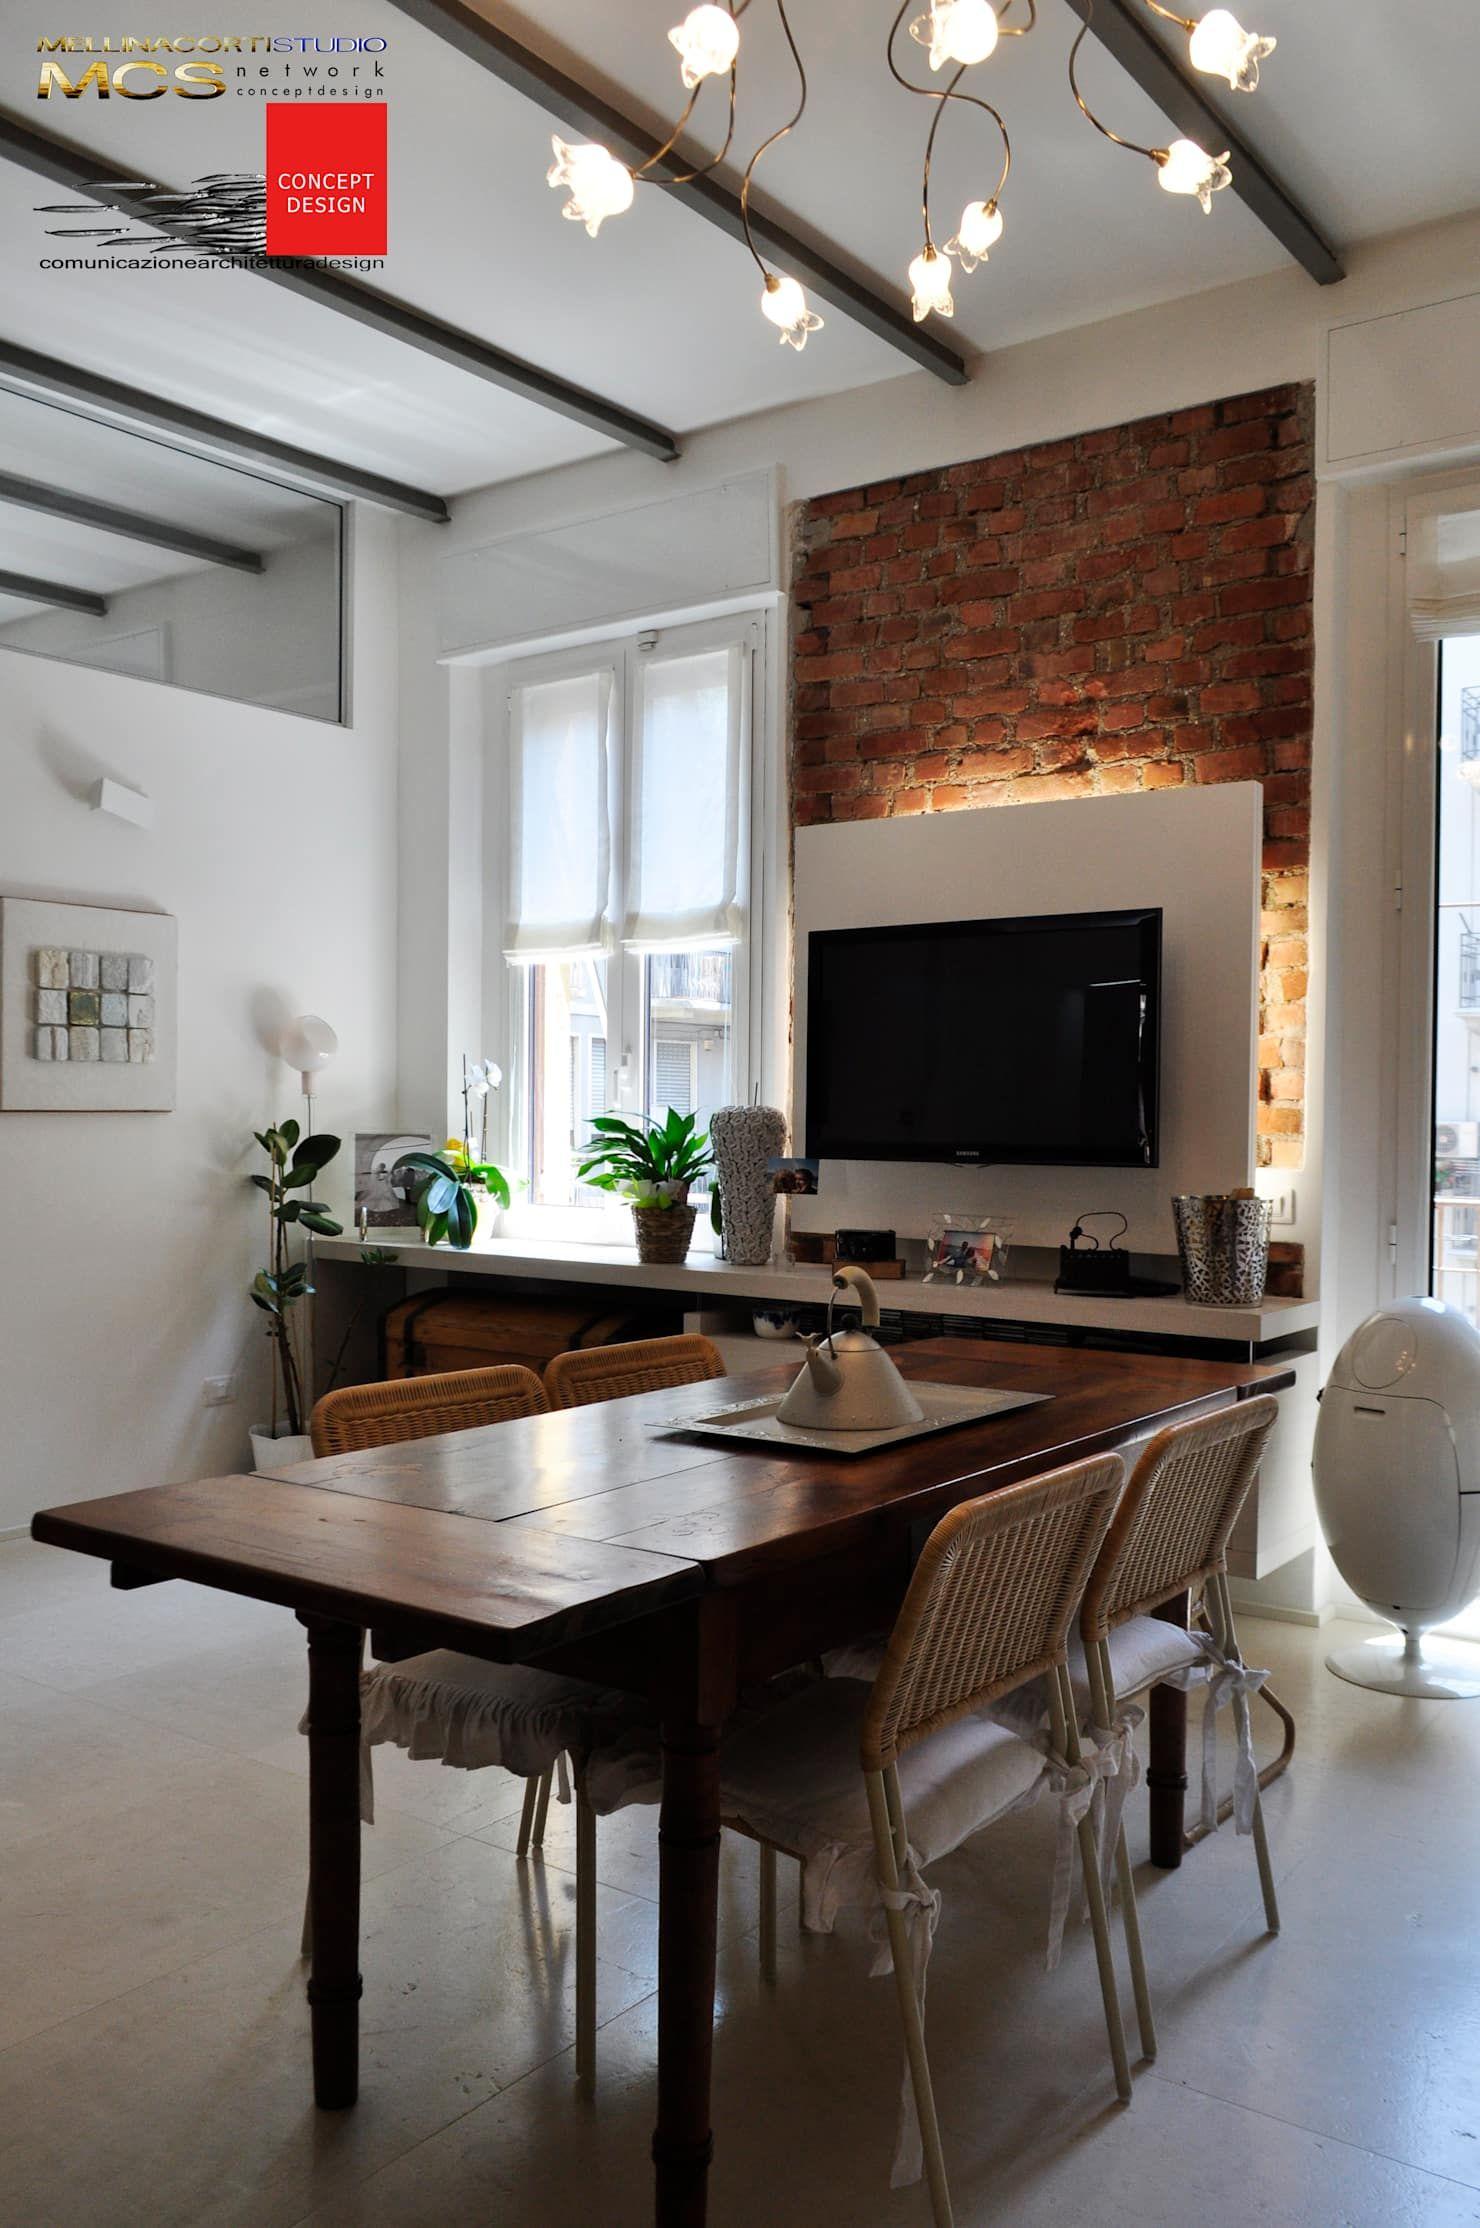 Appartamento privato 14 soggiorno in stile di